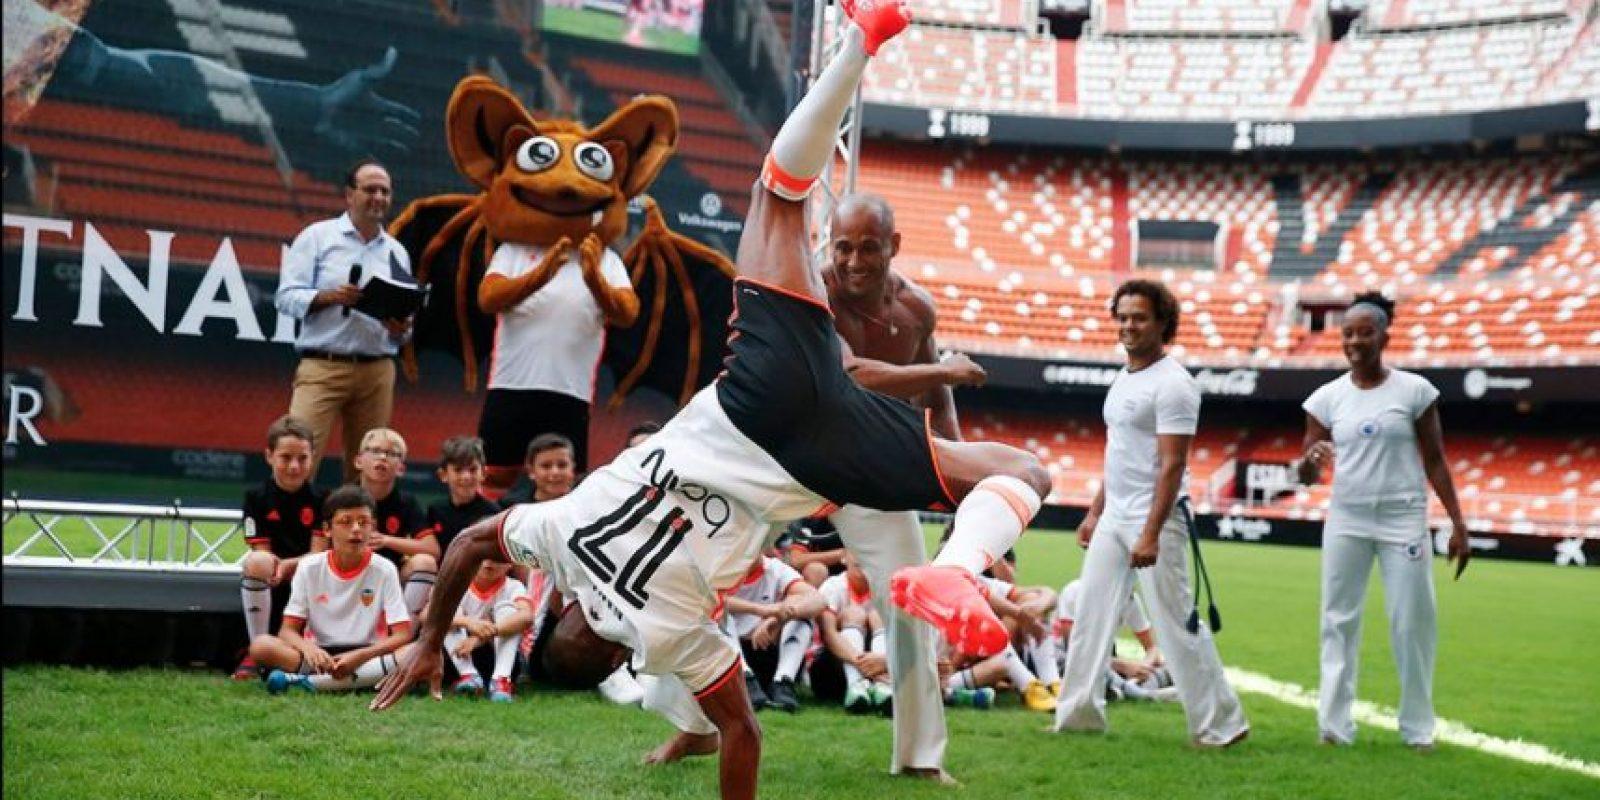 Nani no es sólo fútbol y también se lució bailando capoeira Foto:Twitter Valencia